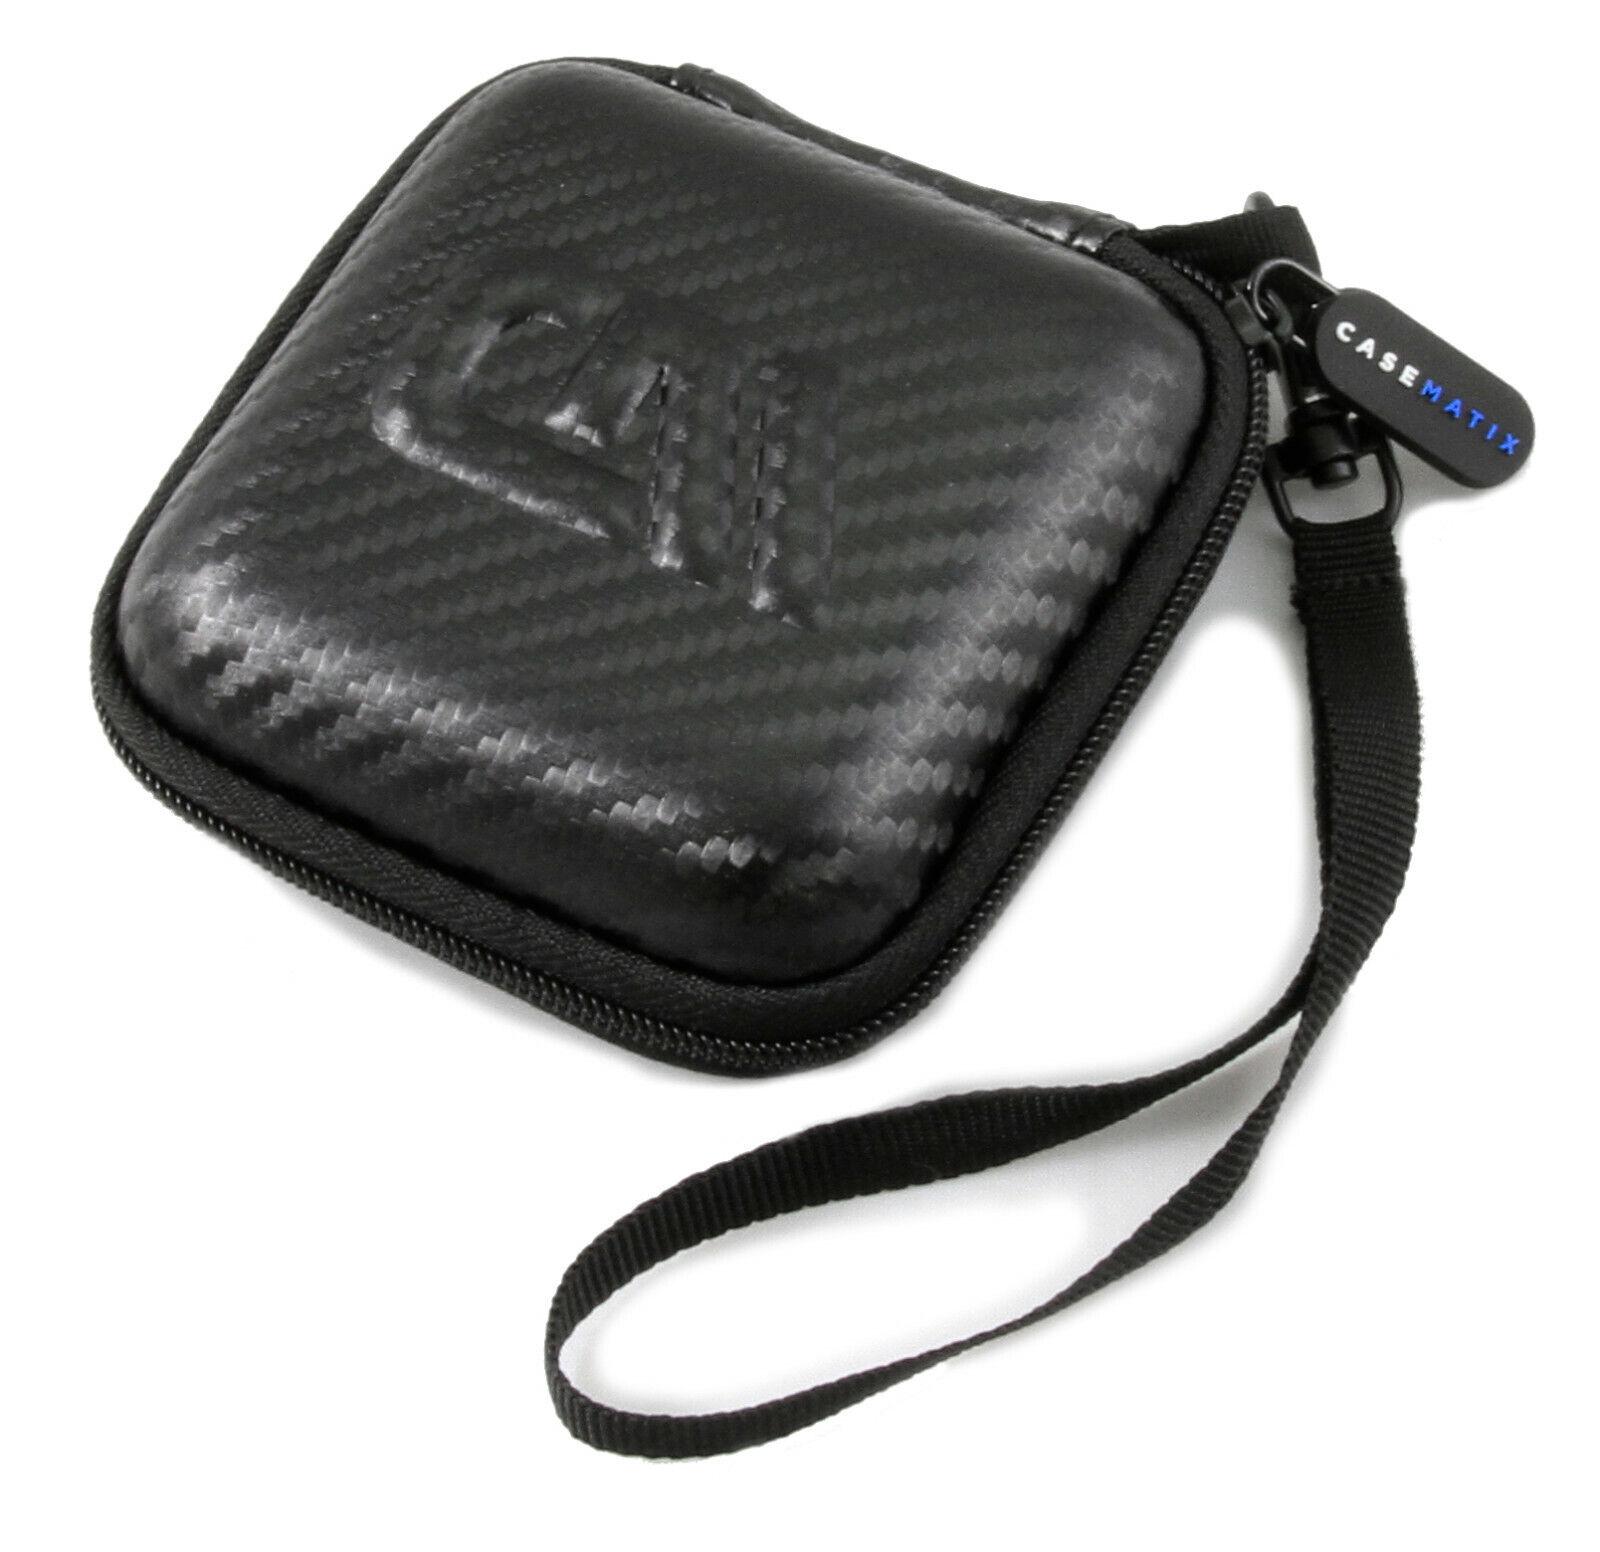 CASEMATIX Carry Case Fits SkyAngel911FD Mobile Cellular 911